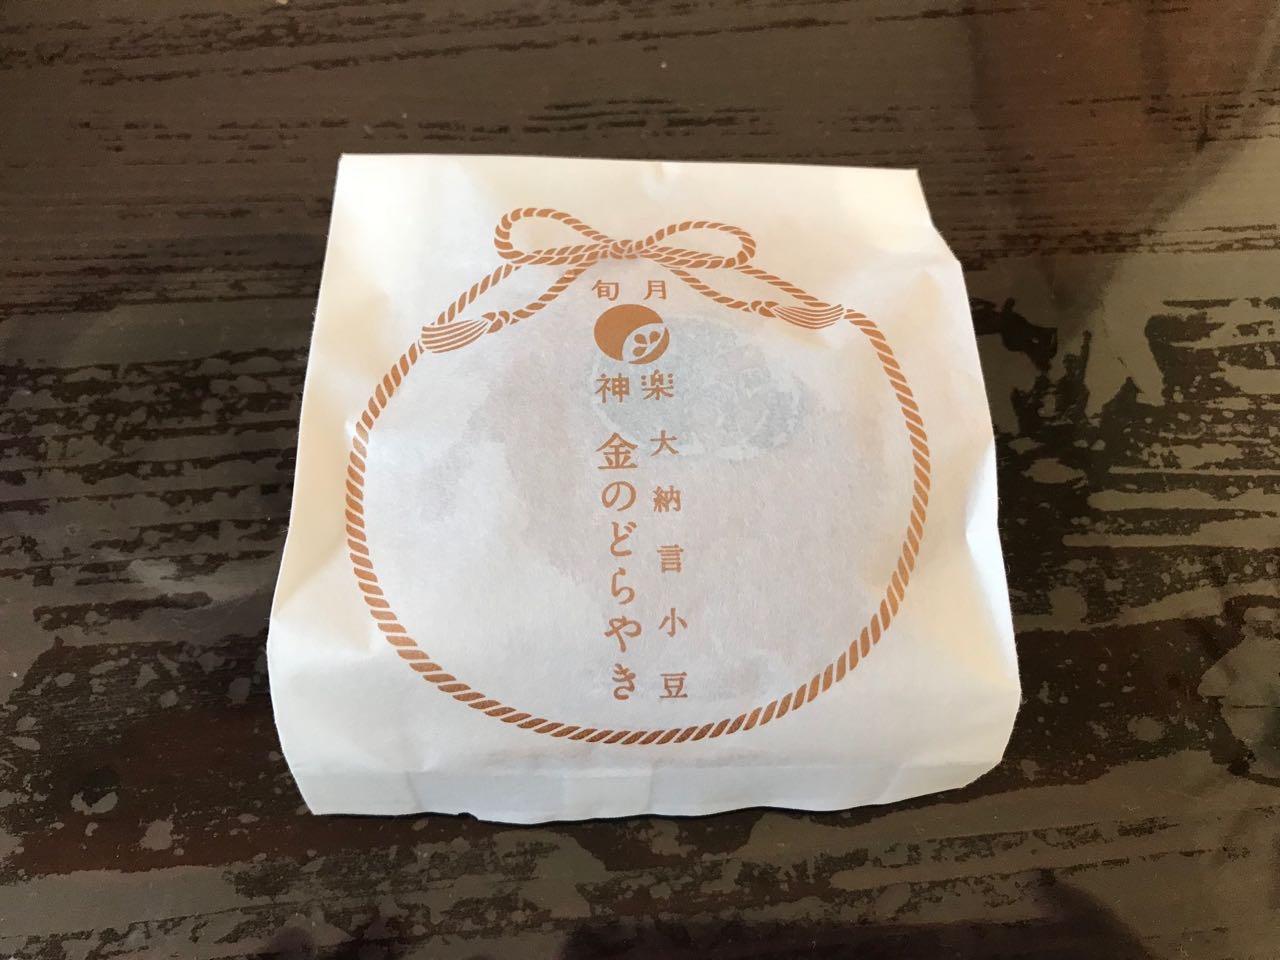 旬月神楽(広島市西区庚午北)の「金のどらやき」が生地ふわふわで美味!